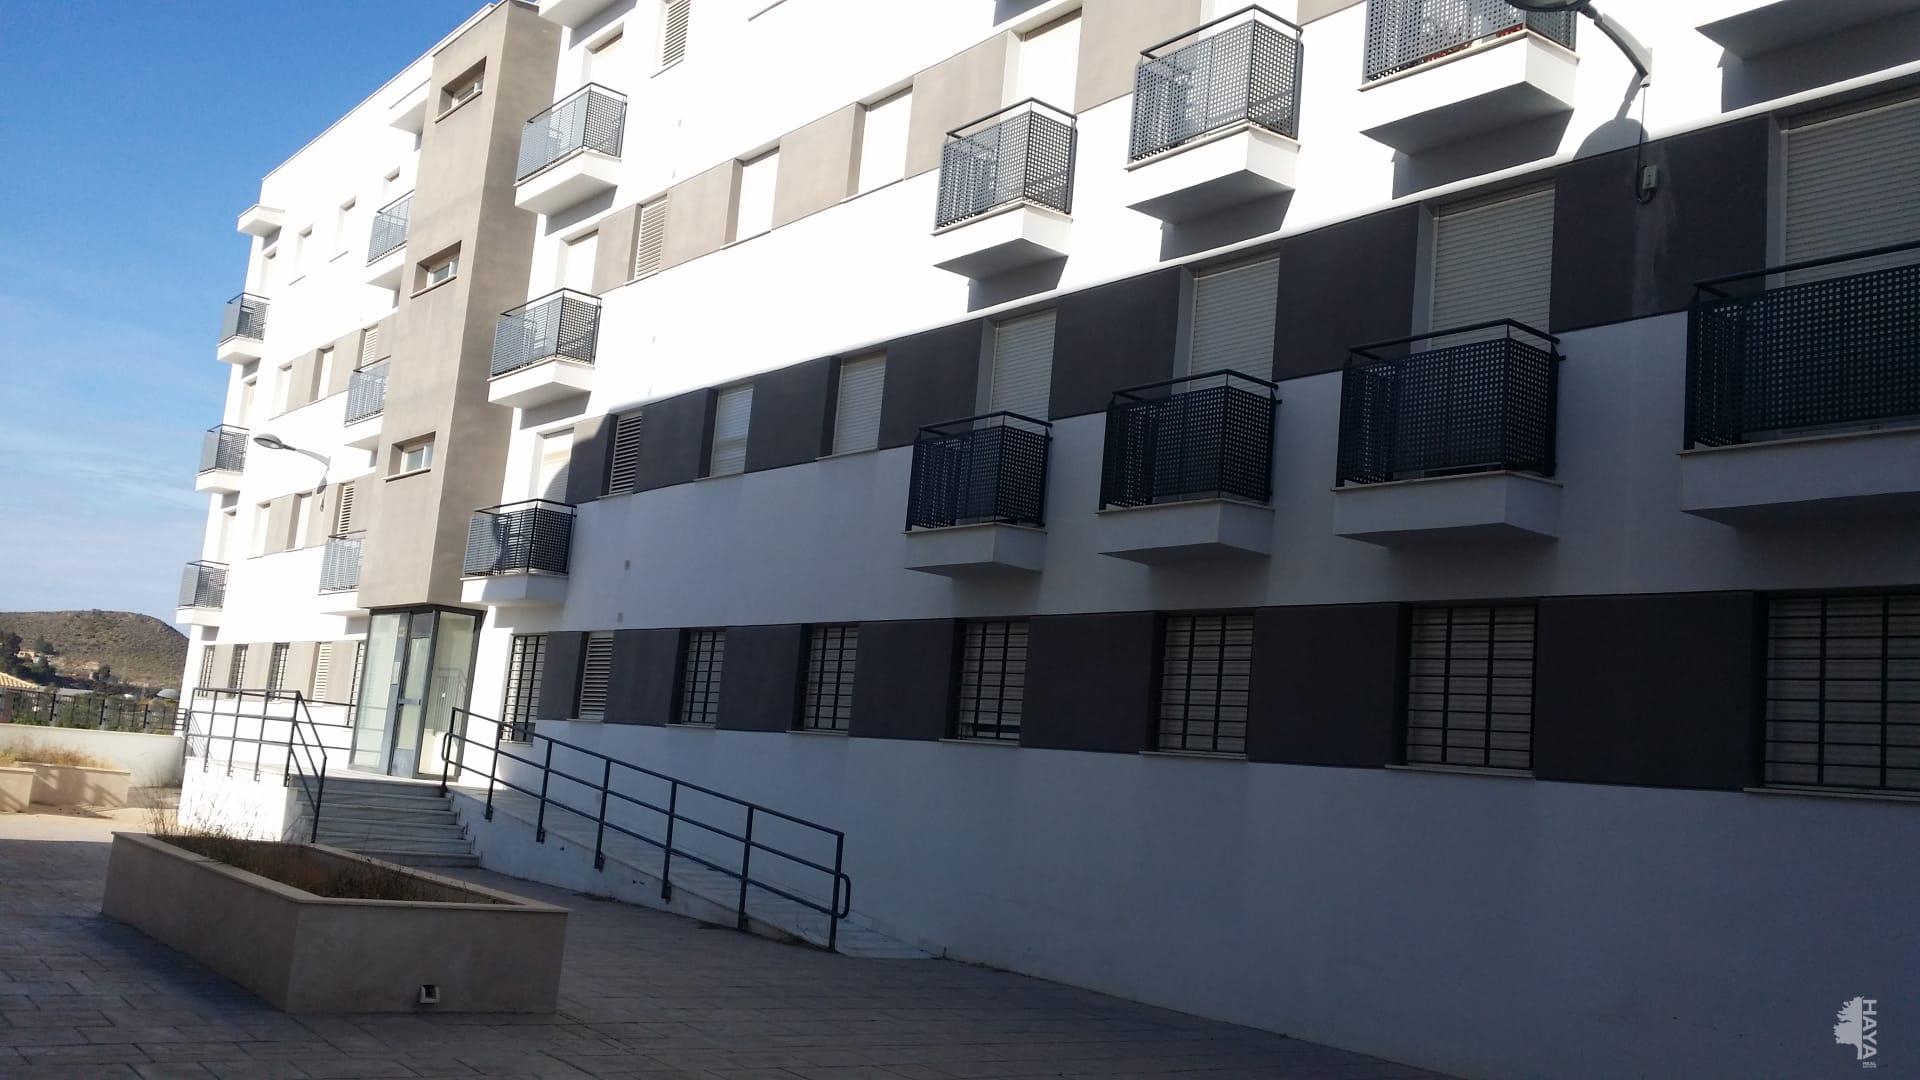 Piso en venta en Olula del Río, Almería, Calle Alta, 65.600 €, 3 habitaciones, 1 baño, 98 m2